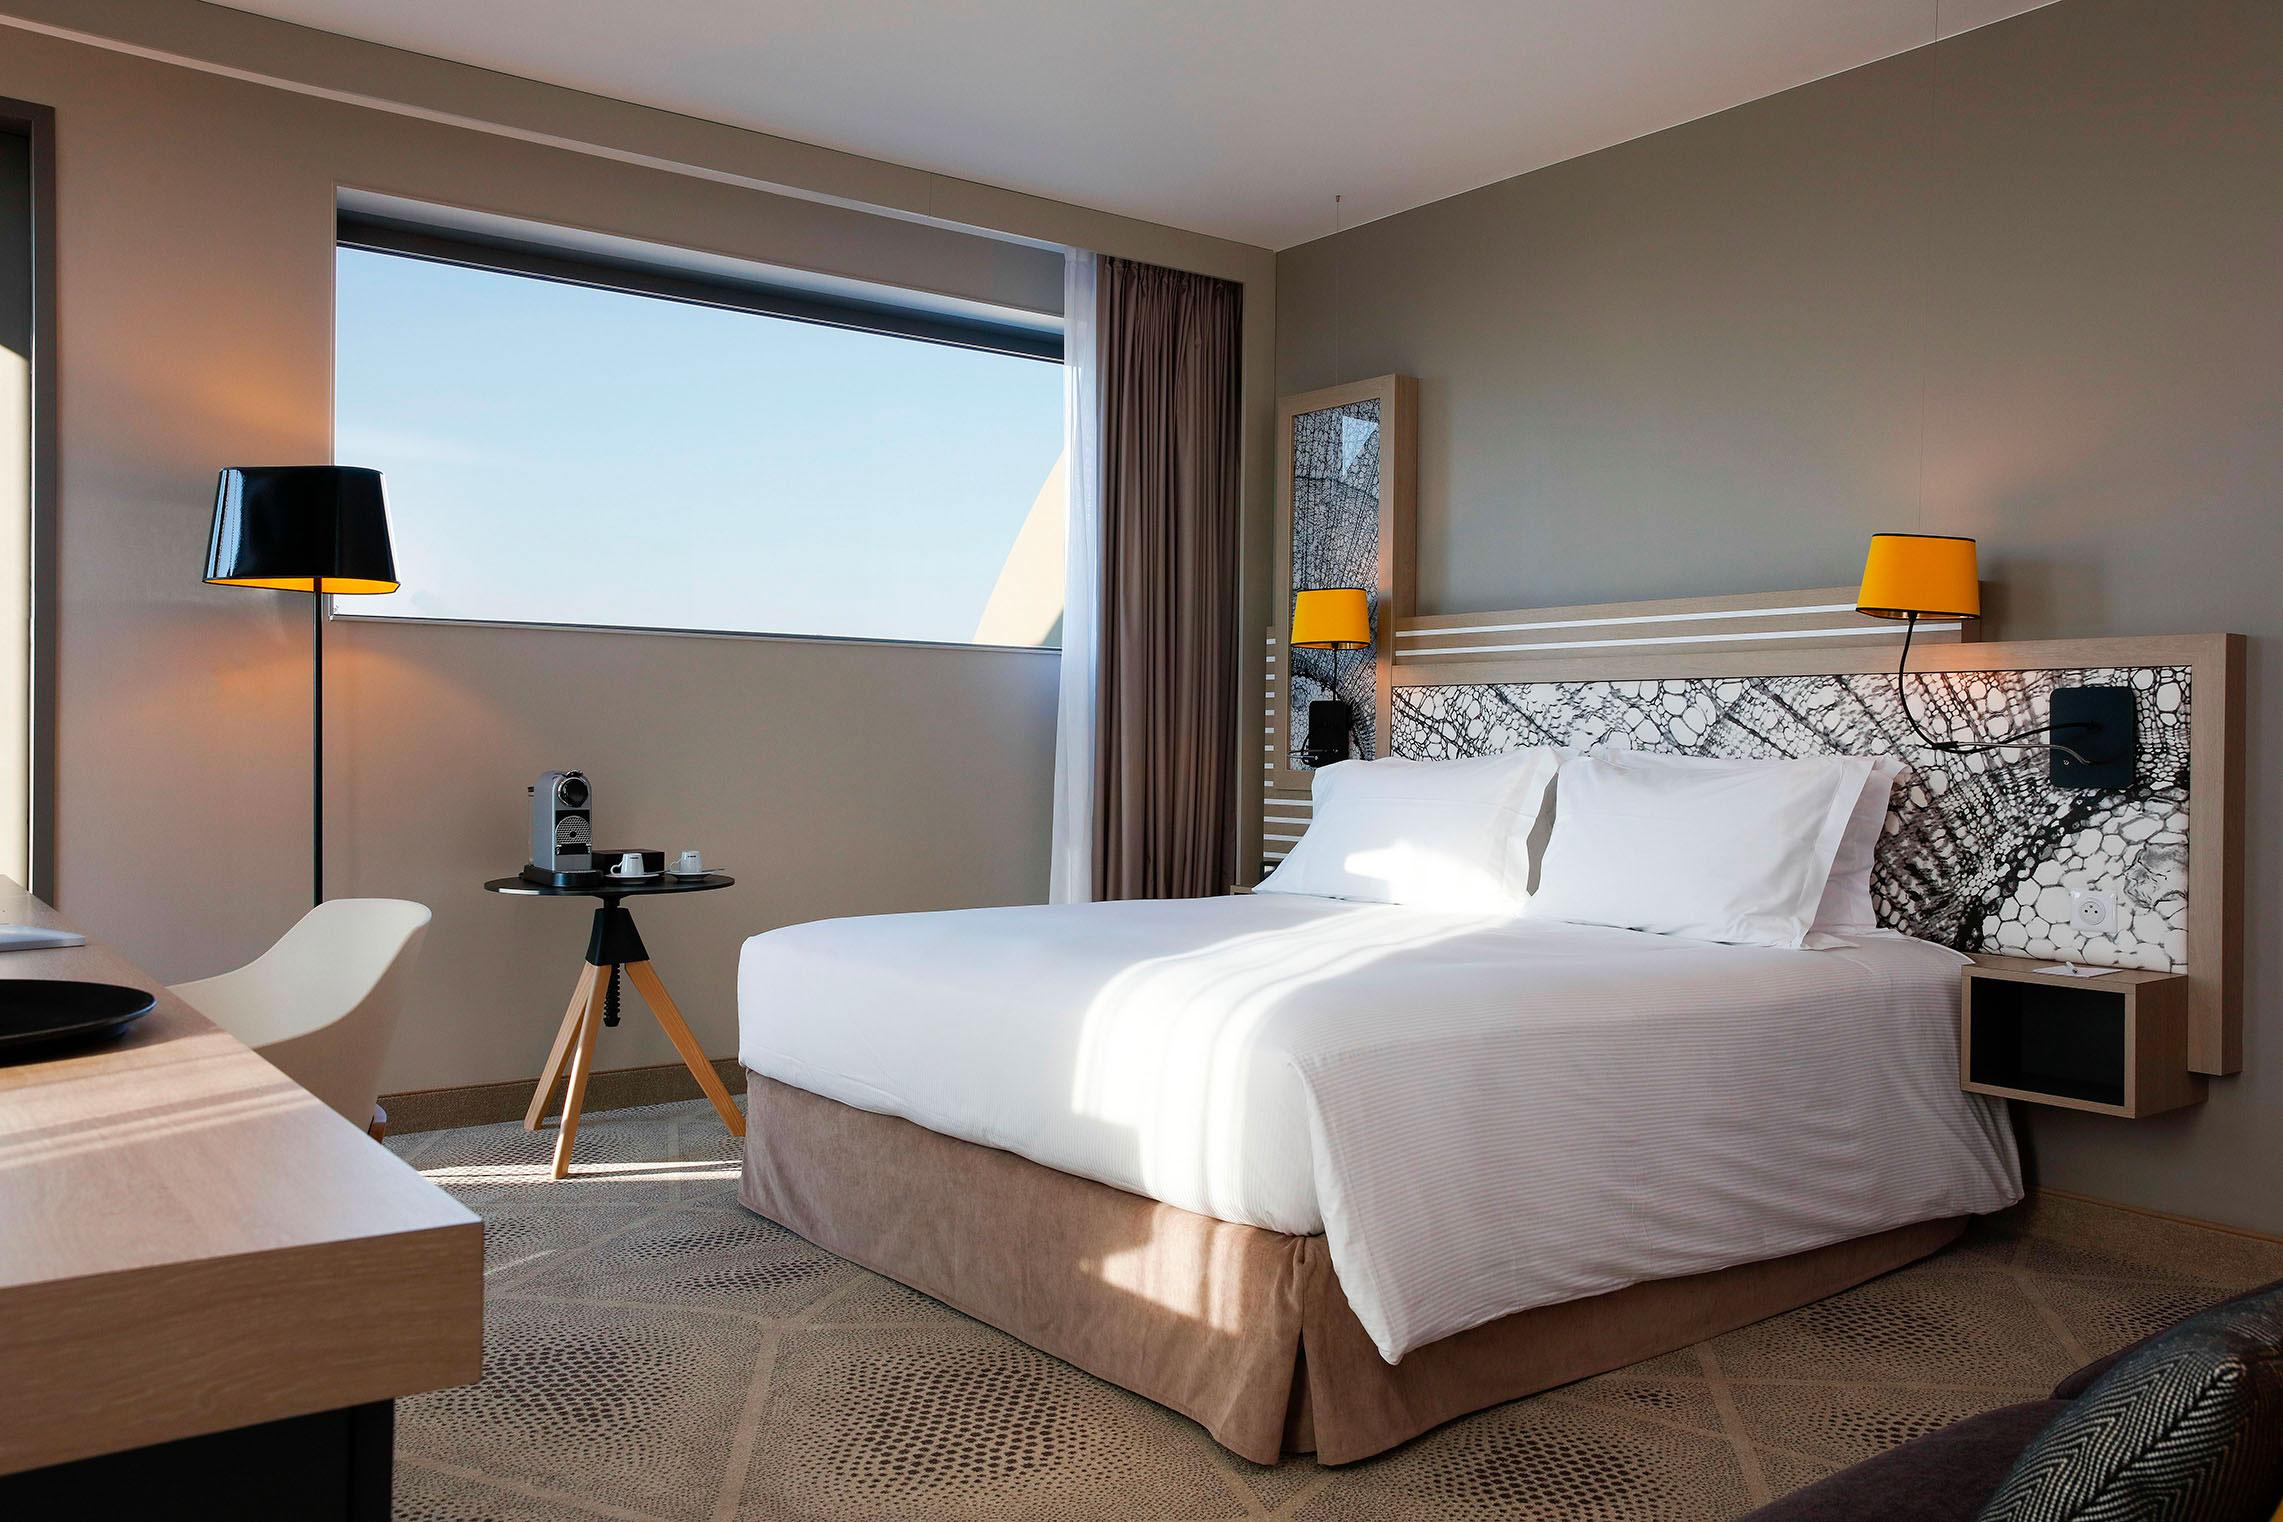 Hilton Garden Inn Bordeaux Centre - Suite Junior avec Terrasse - Lit - Nuit romantique Bordeaux